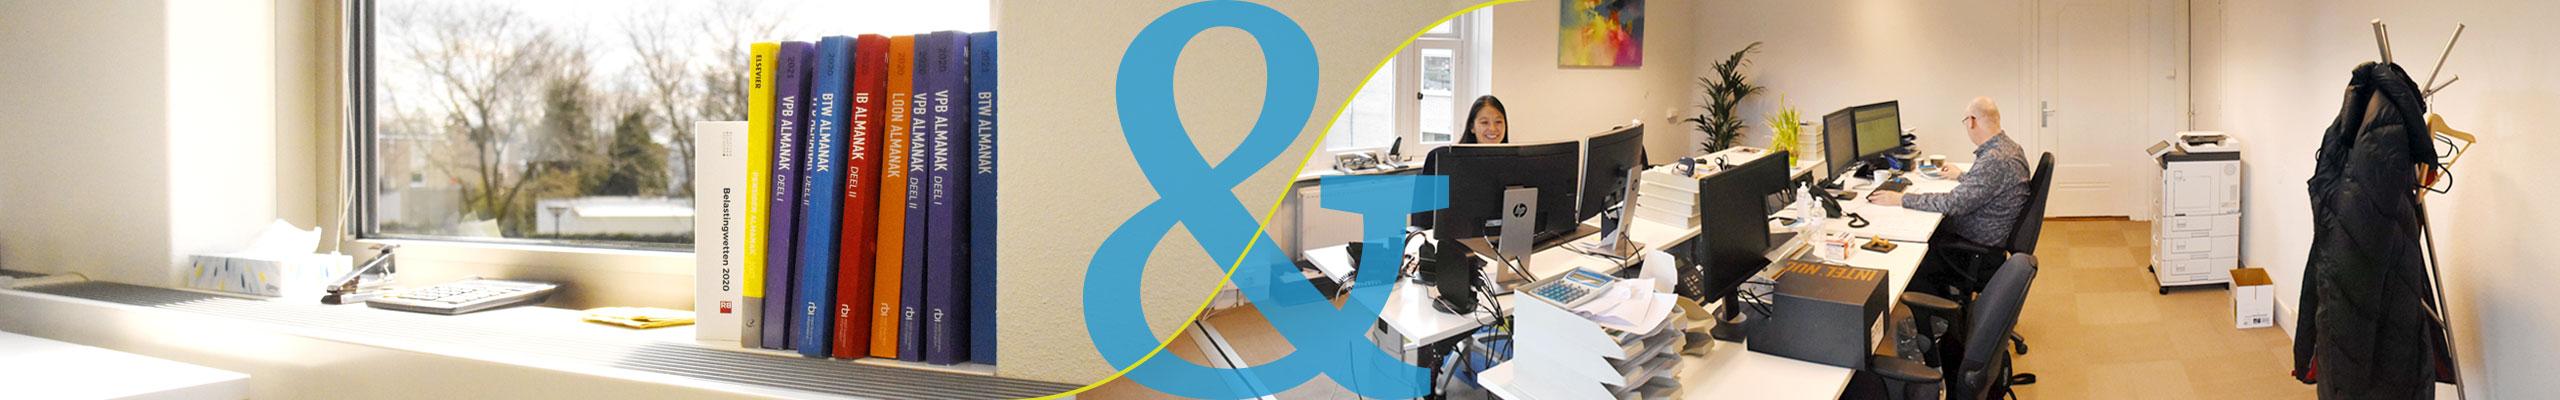 Administratie Meester & Kuiper Accountants en belastingadviseurs Hilversum